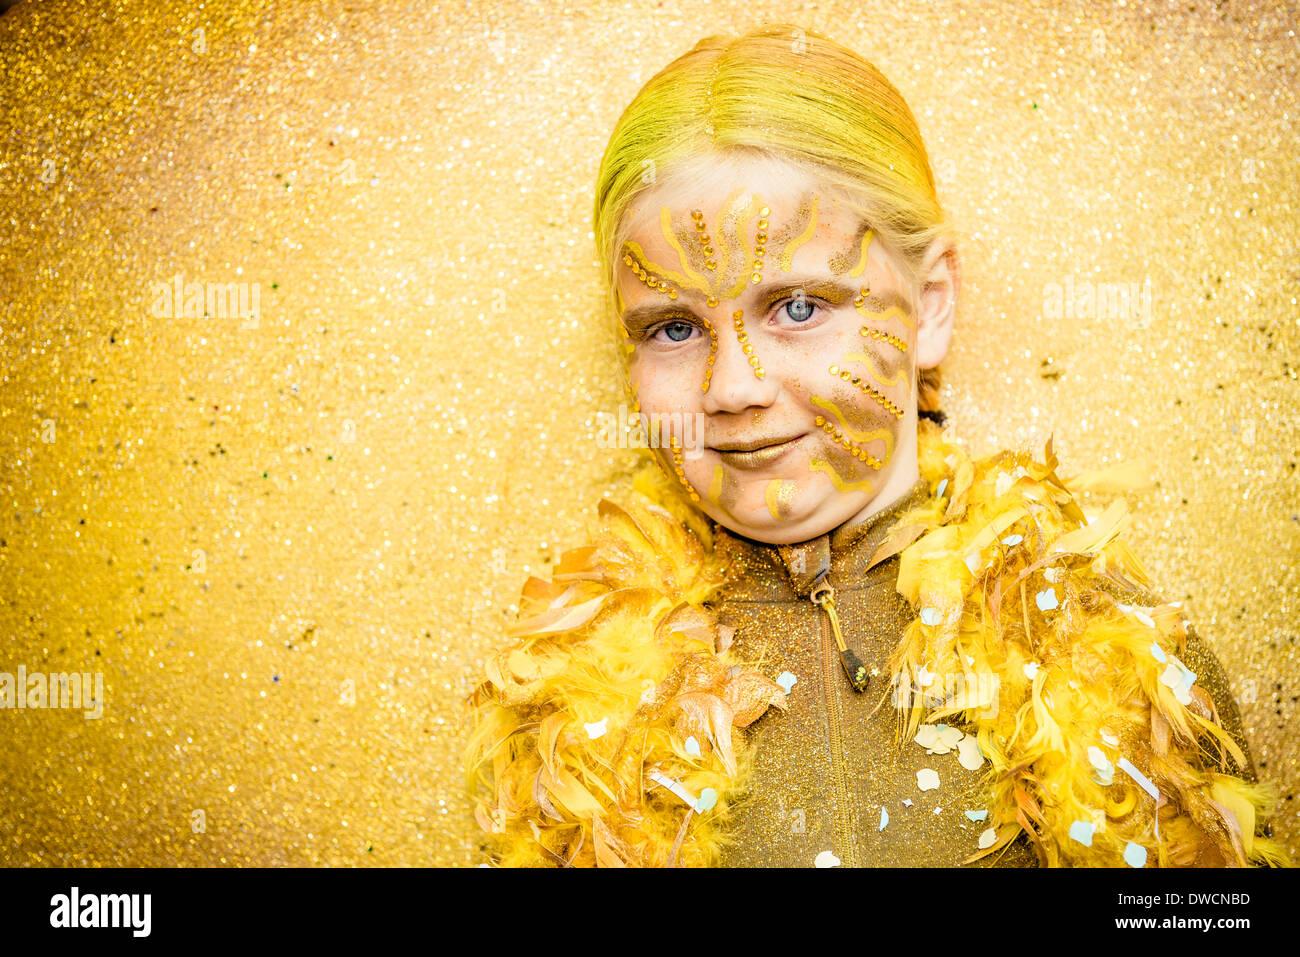 Sitges, Espagne. Mars 4th, 2014: Une jeune fille dans un costume de fantaisie pendant les danses le défilé de carnaval des enfants à Sitges. Credit: Matthias Rickenbach/Alamy Live News Photo Stock